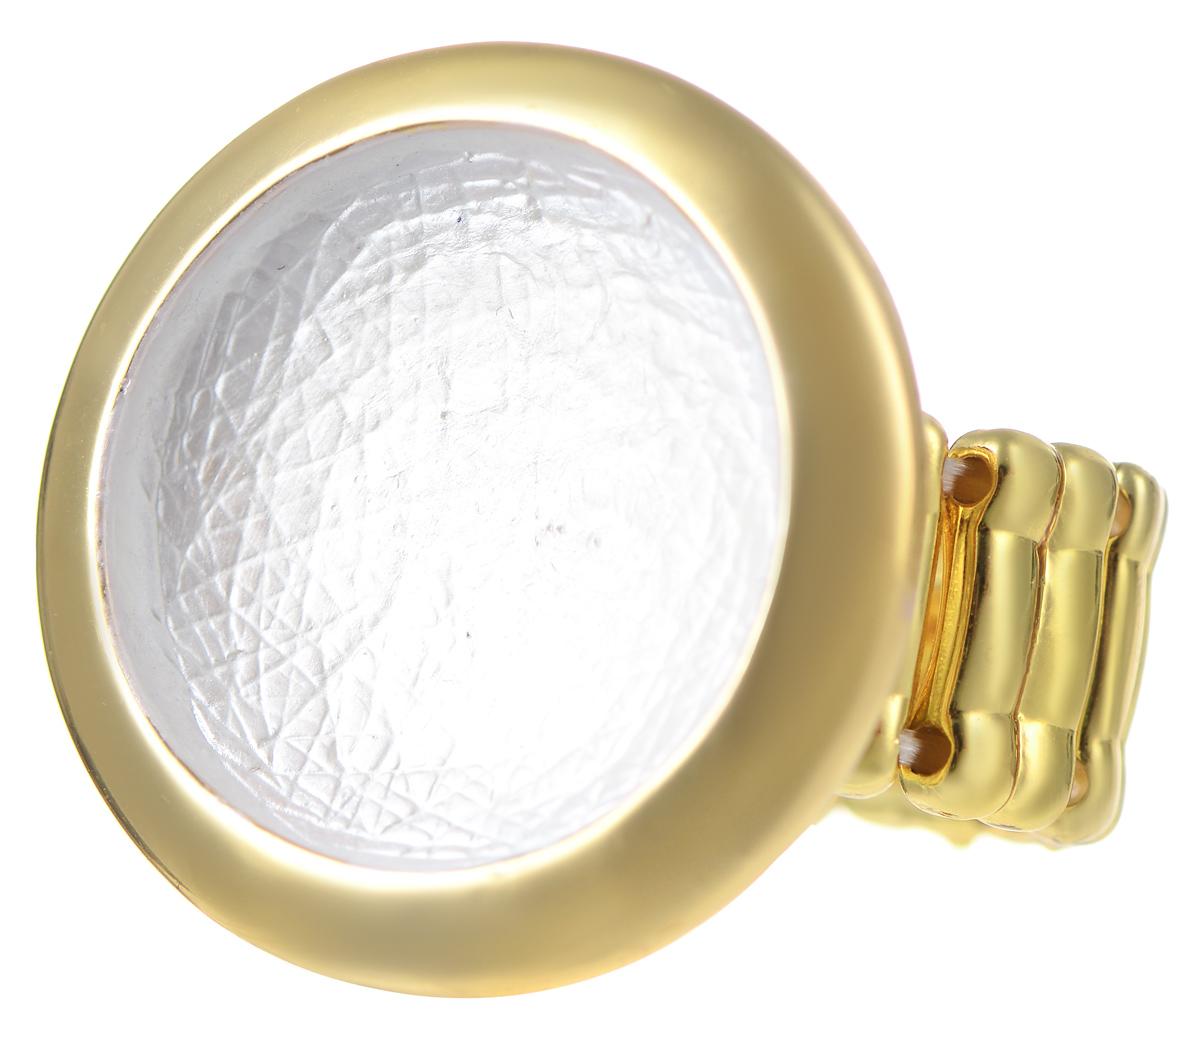 Кольцо Модные истории, цвет: золотой. 17/003317/0033Оригинальное кольцо Модные истории выполнено из бижутерийного сплава с гальваническим покрытием золотом. Изделие дополнено элементом в виде круга с вогнутым дном. В основе кольца использована эластичная резинка. Стильное кольцо придаст вашему образу изюминку, подчеркнет индивидуальность.